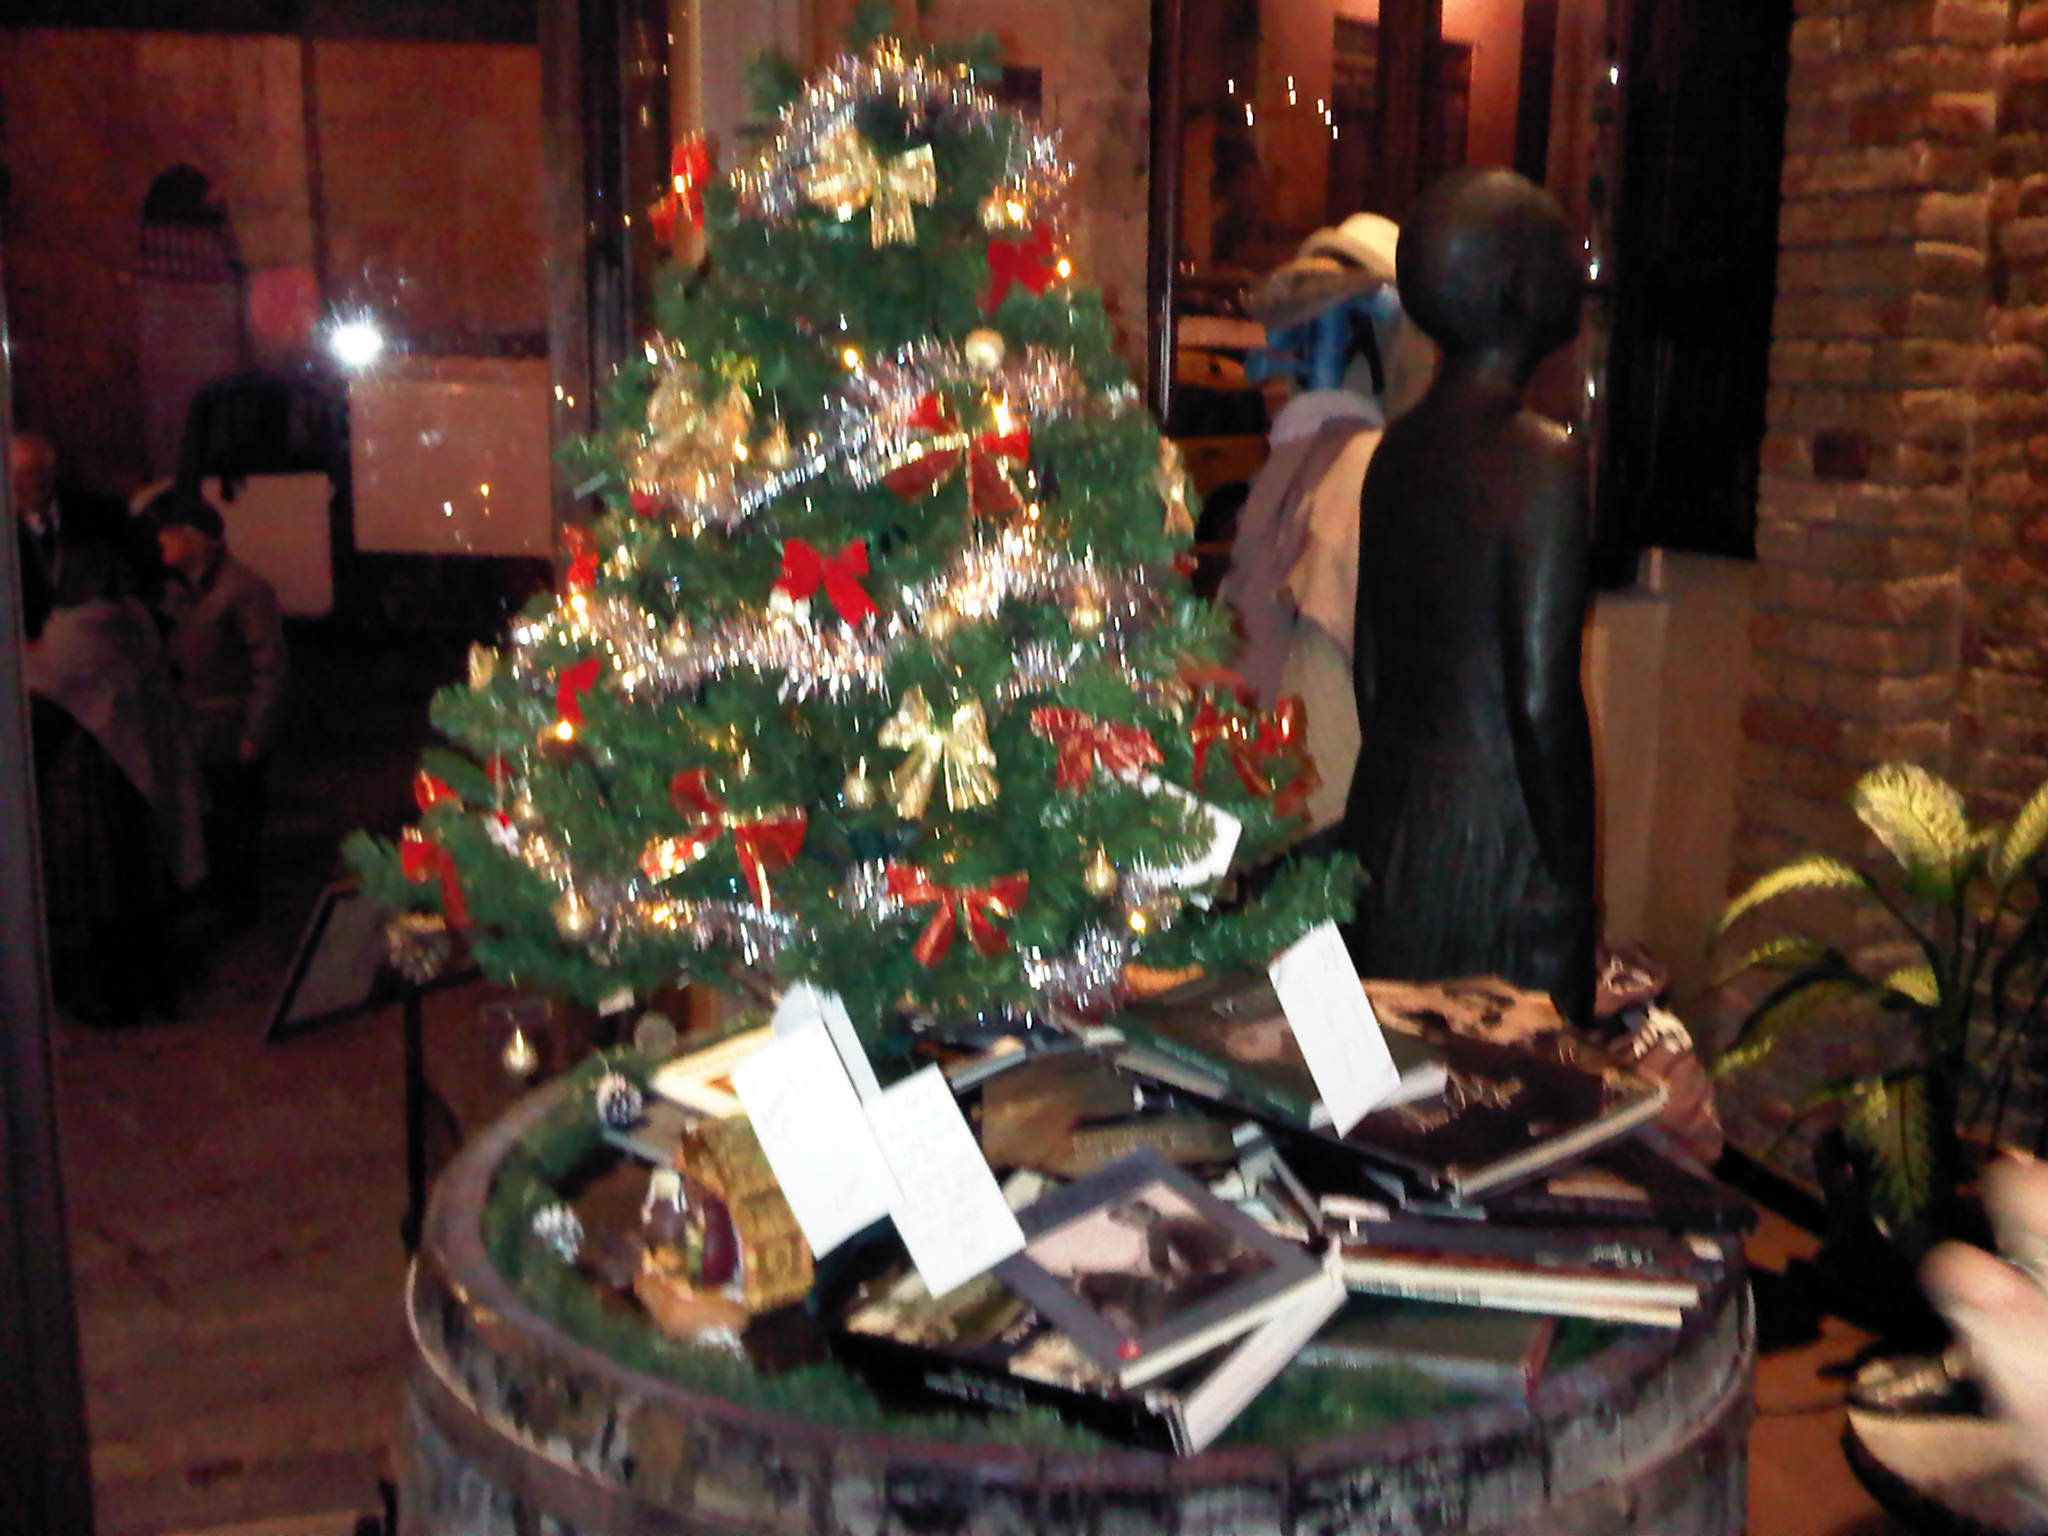 Il tuo natale su sienanews l 39 albero del ristorante san desiderio siena news - Ristorante la finestra siena ...